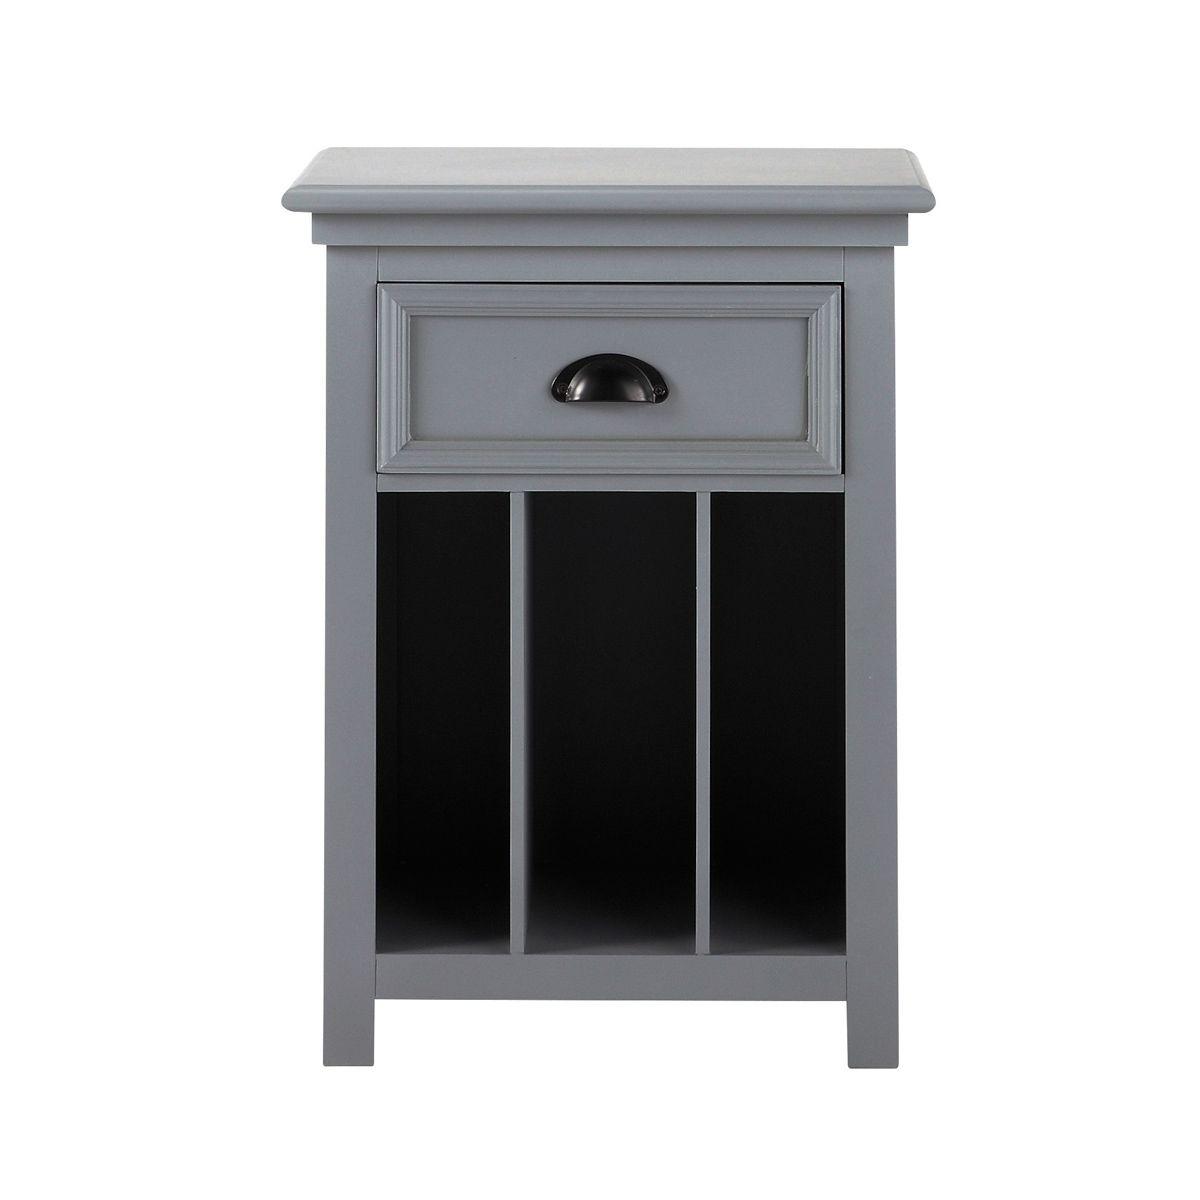 avec grise Table tiroir 45 chevet de en cm bois Newport L wNO0Pn8kX